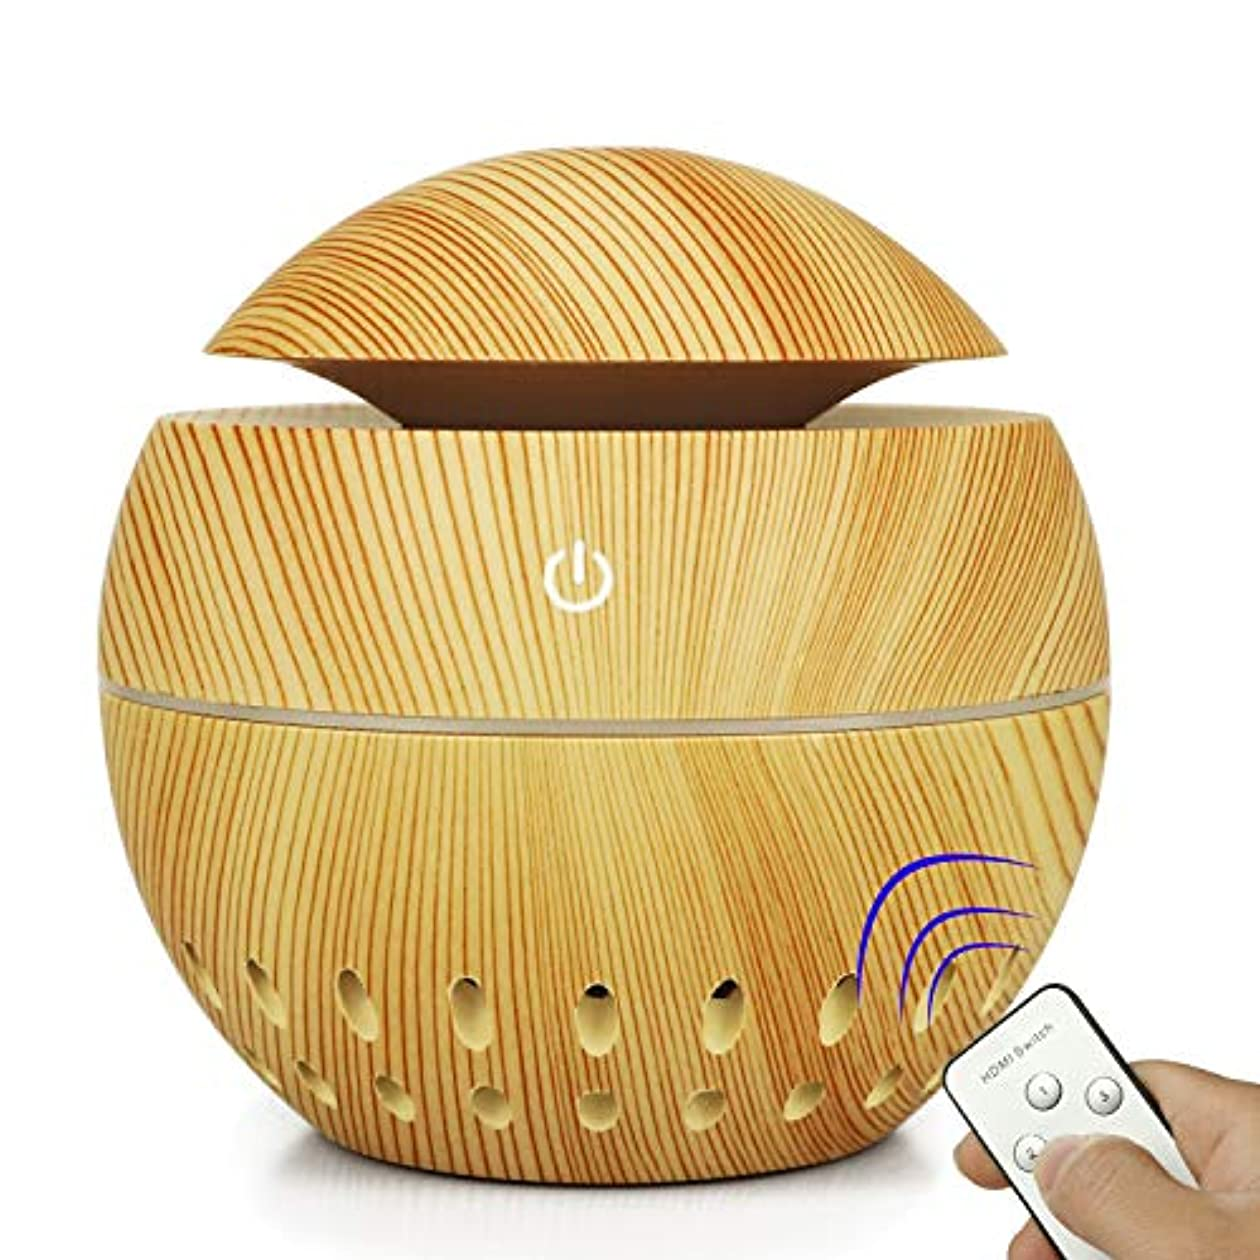 書店ちょうつがい欠乏加湿器USBウッドグレイン中空加湿器きのこ総本店小型家電 (Color : Brass, Size : 100MM*105MM)